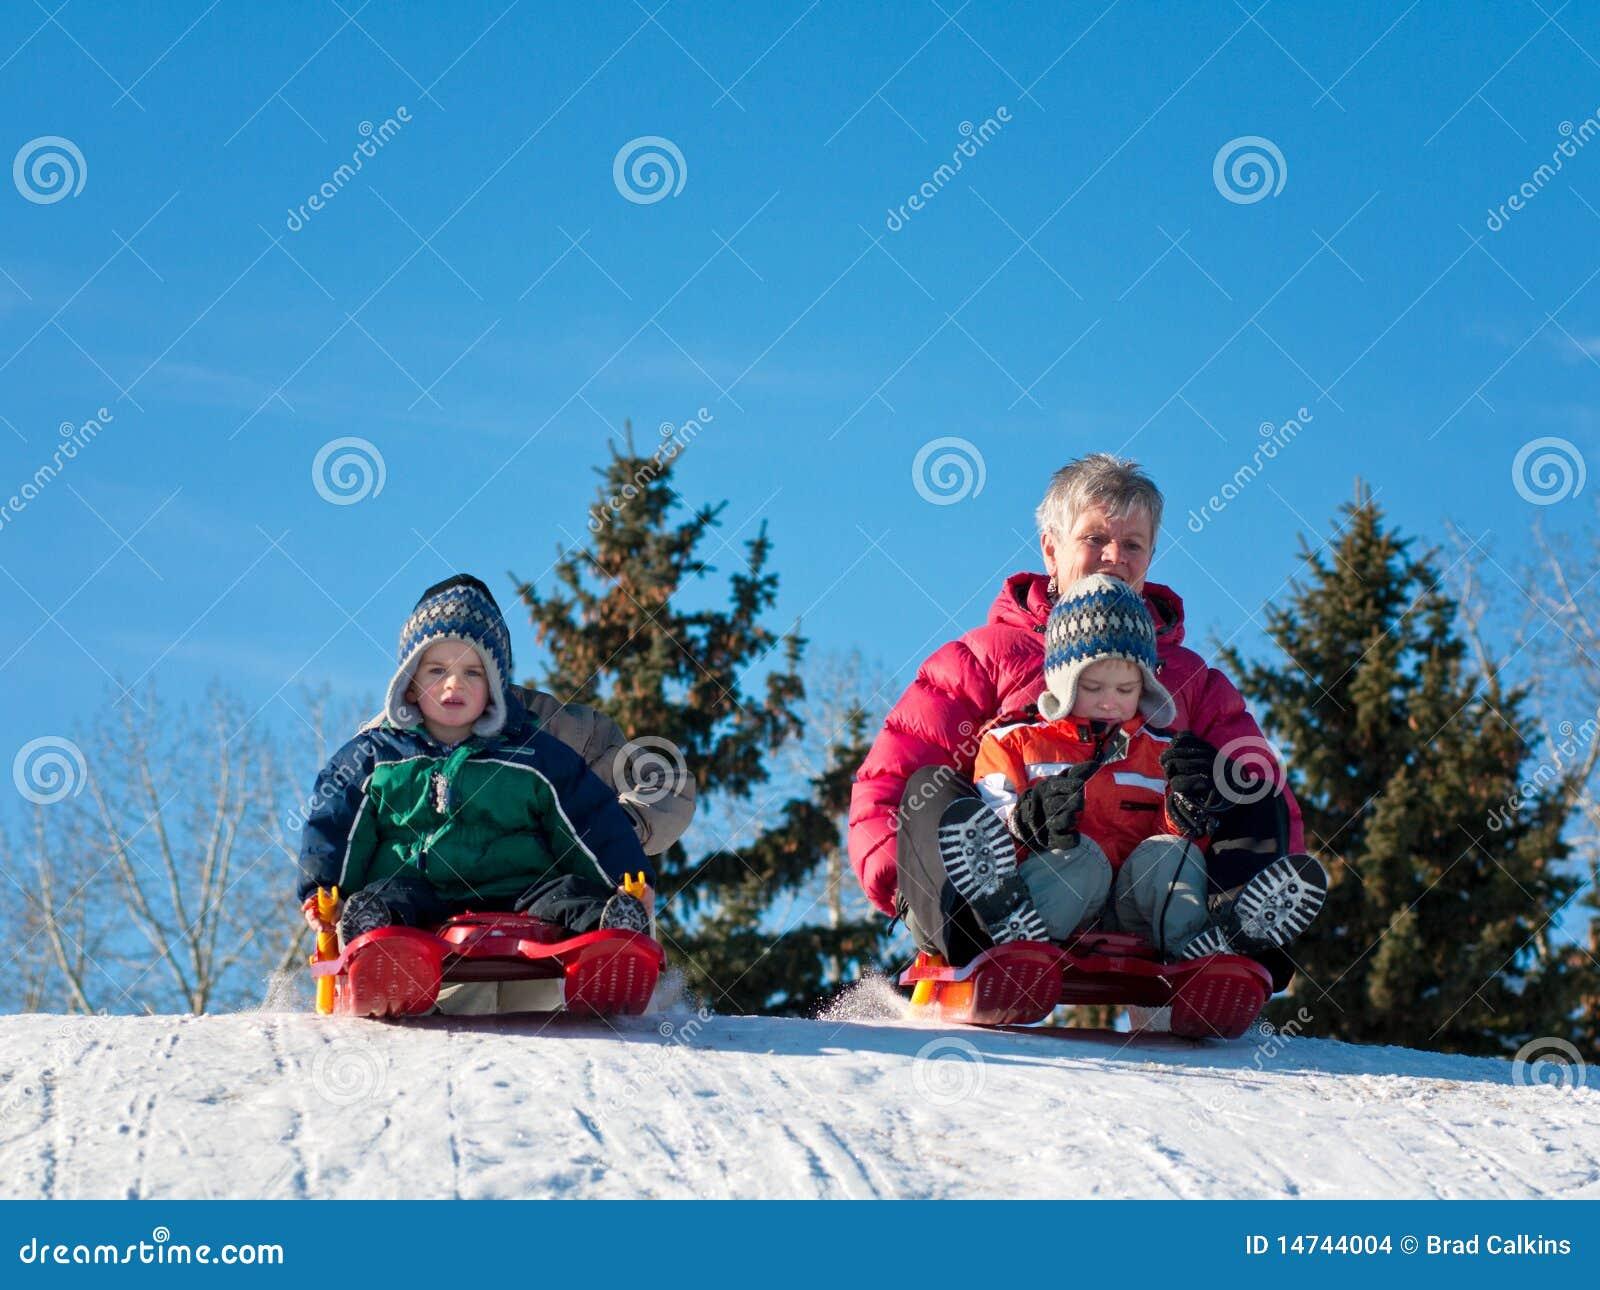 Famille sledding